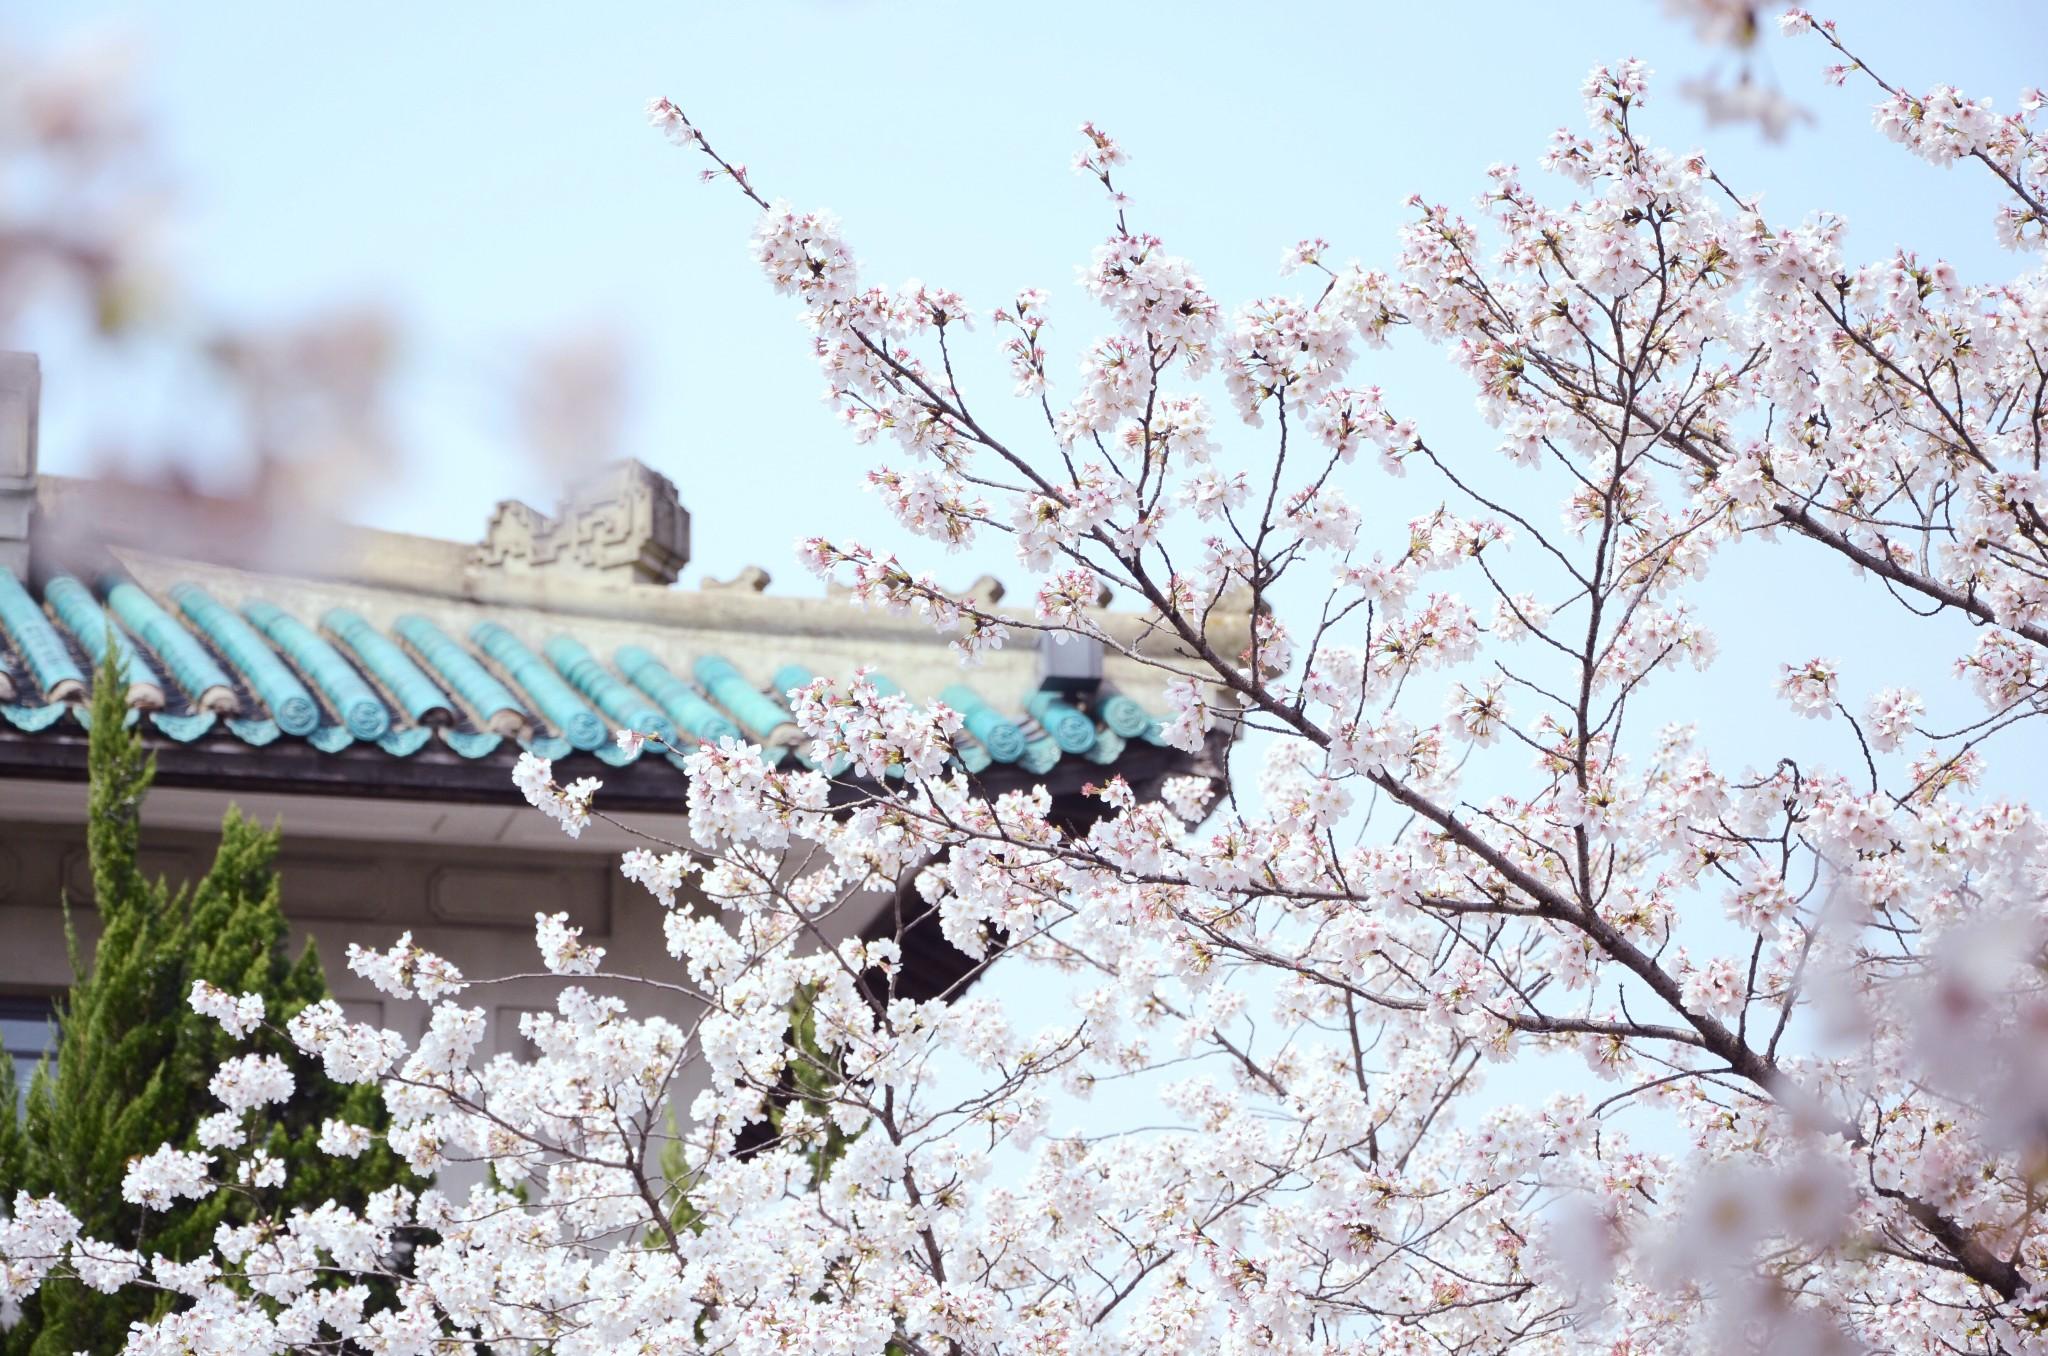 3月武汉天气穿衣指南,3月武汉看樱花天气,3月武汉看樱花穿什么衣服